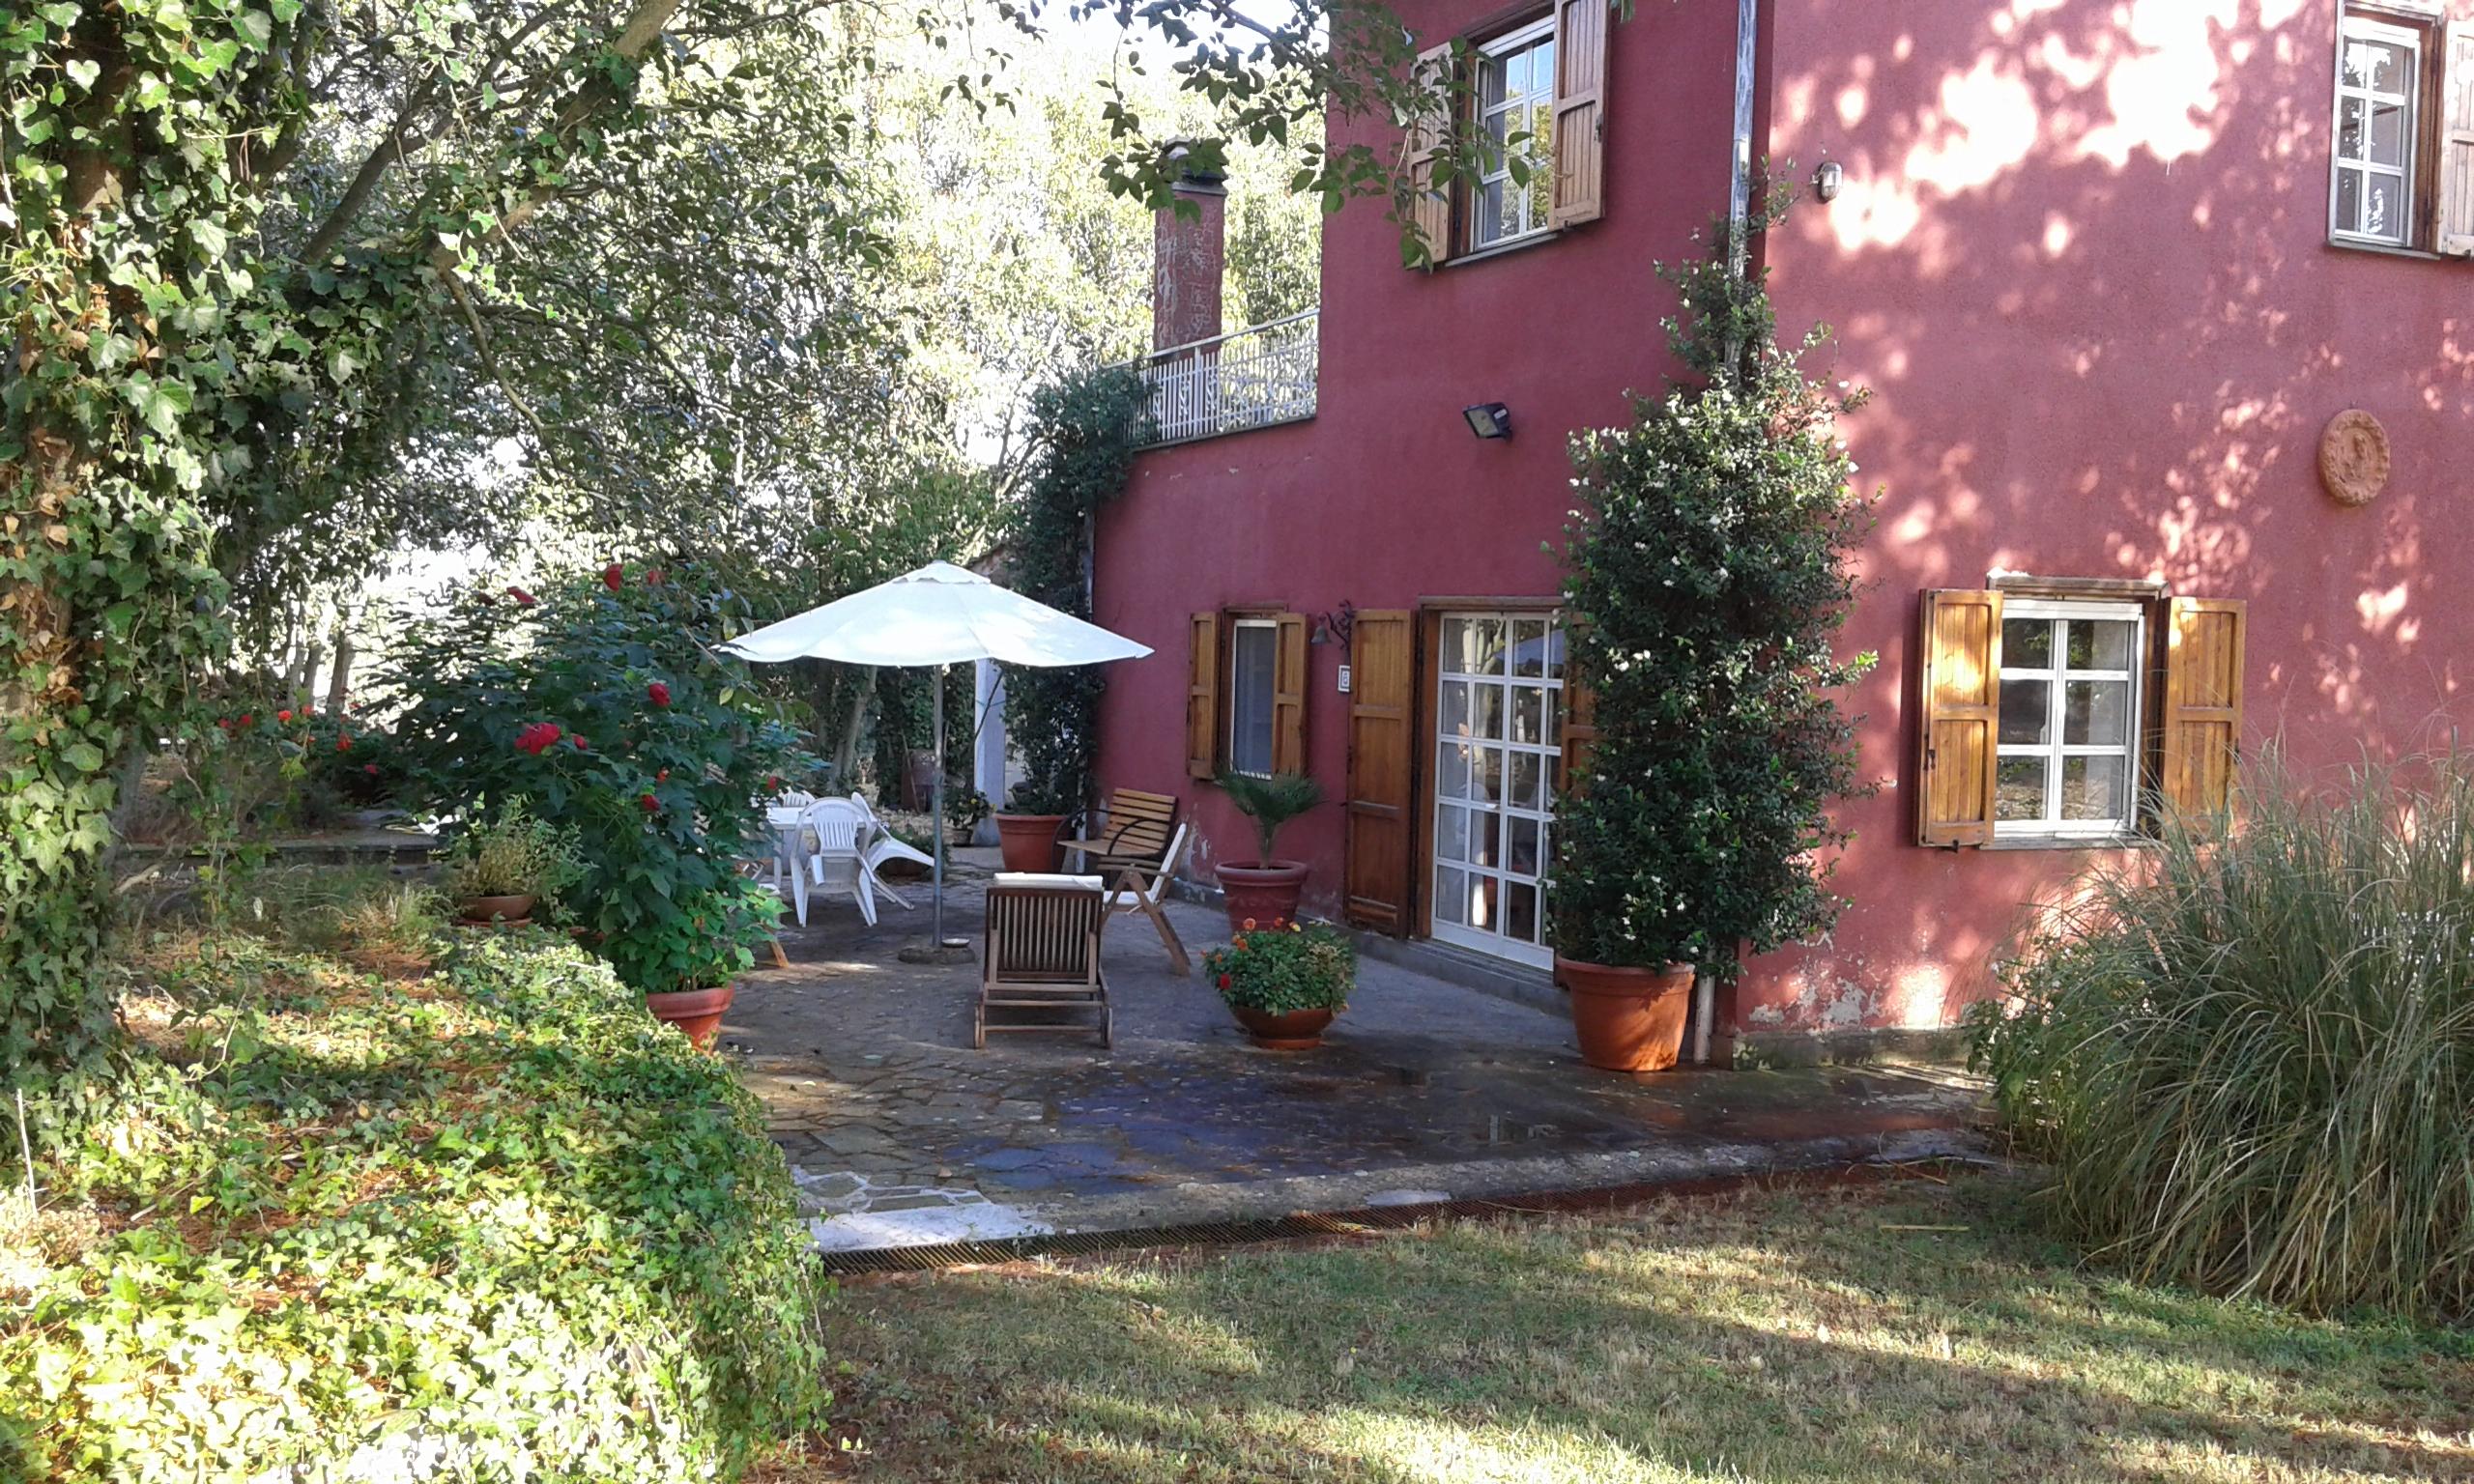 Annunci immobiliari agenzia immobiliare castrovecchio - Vendita case chieri giardino ...